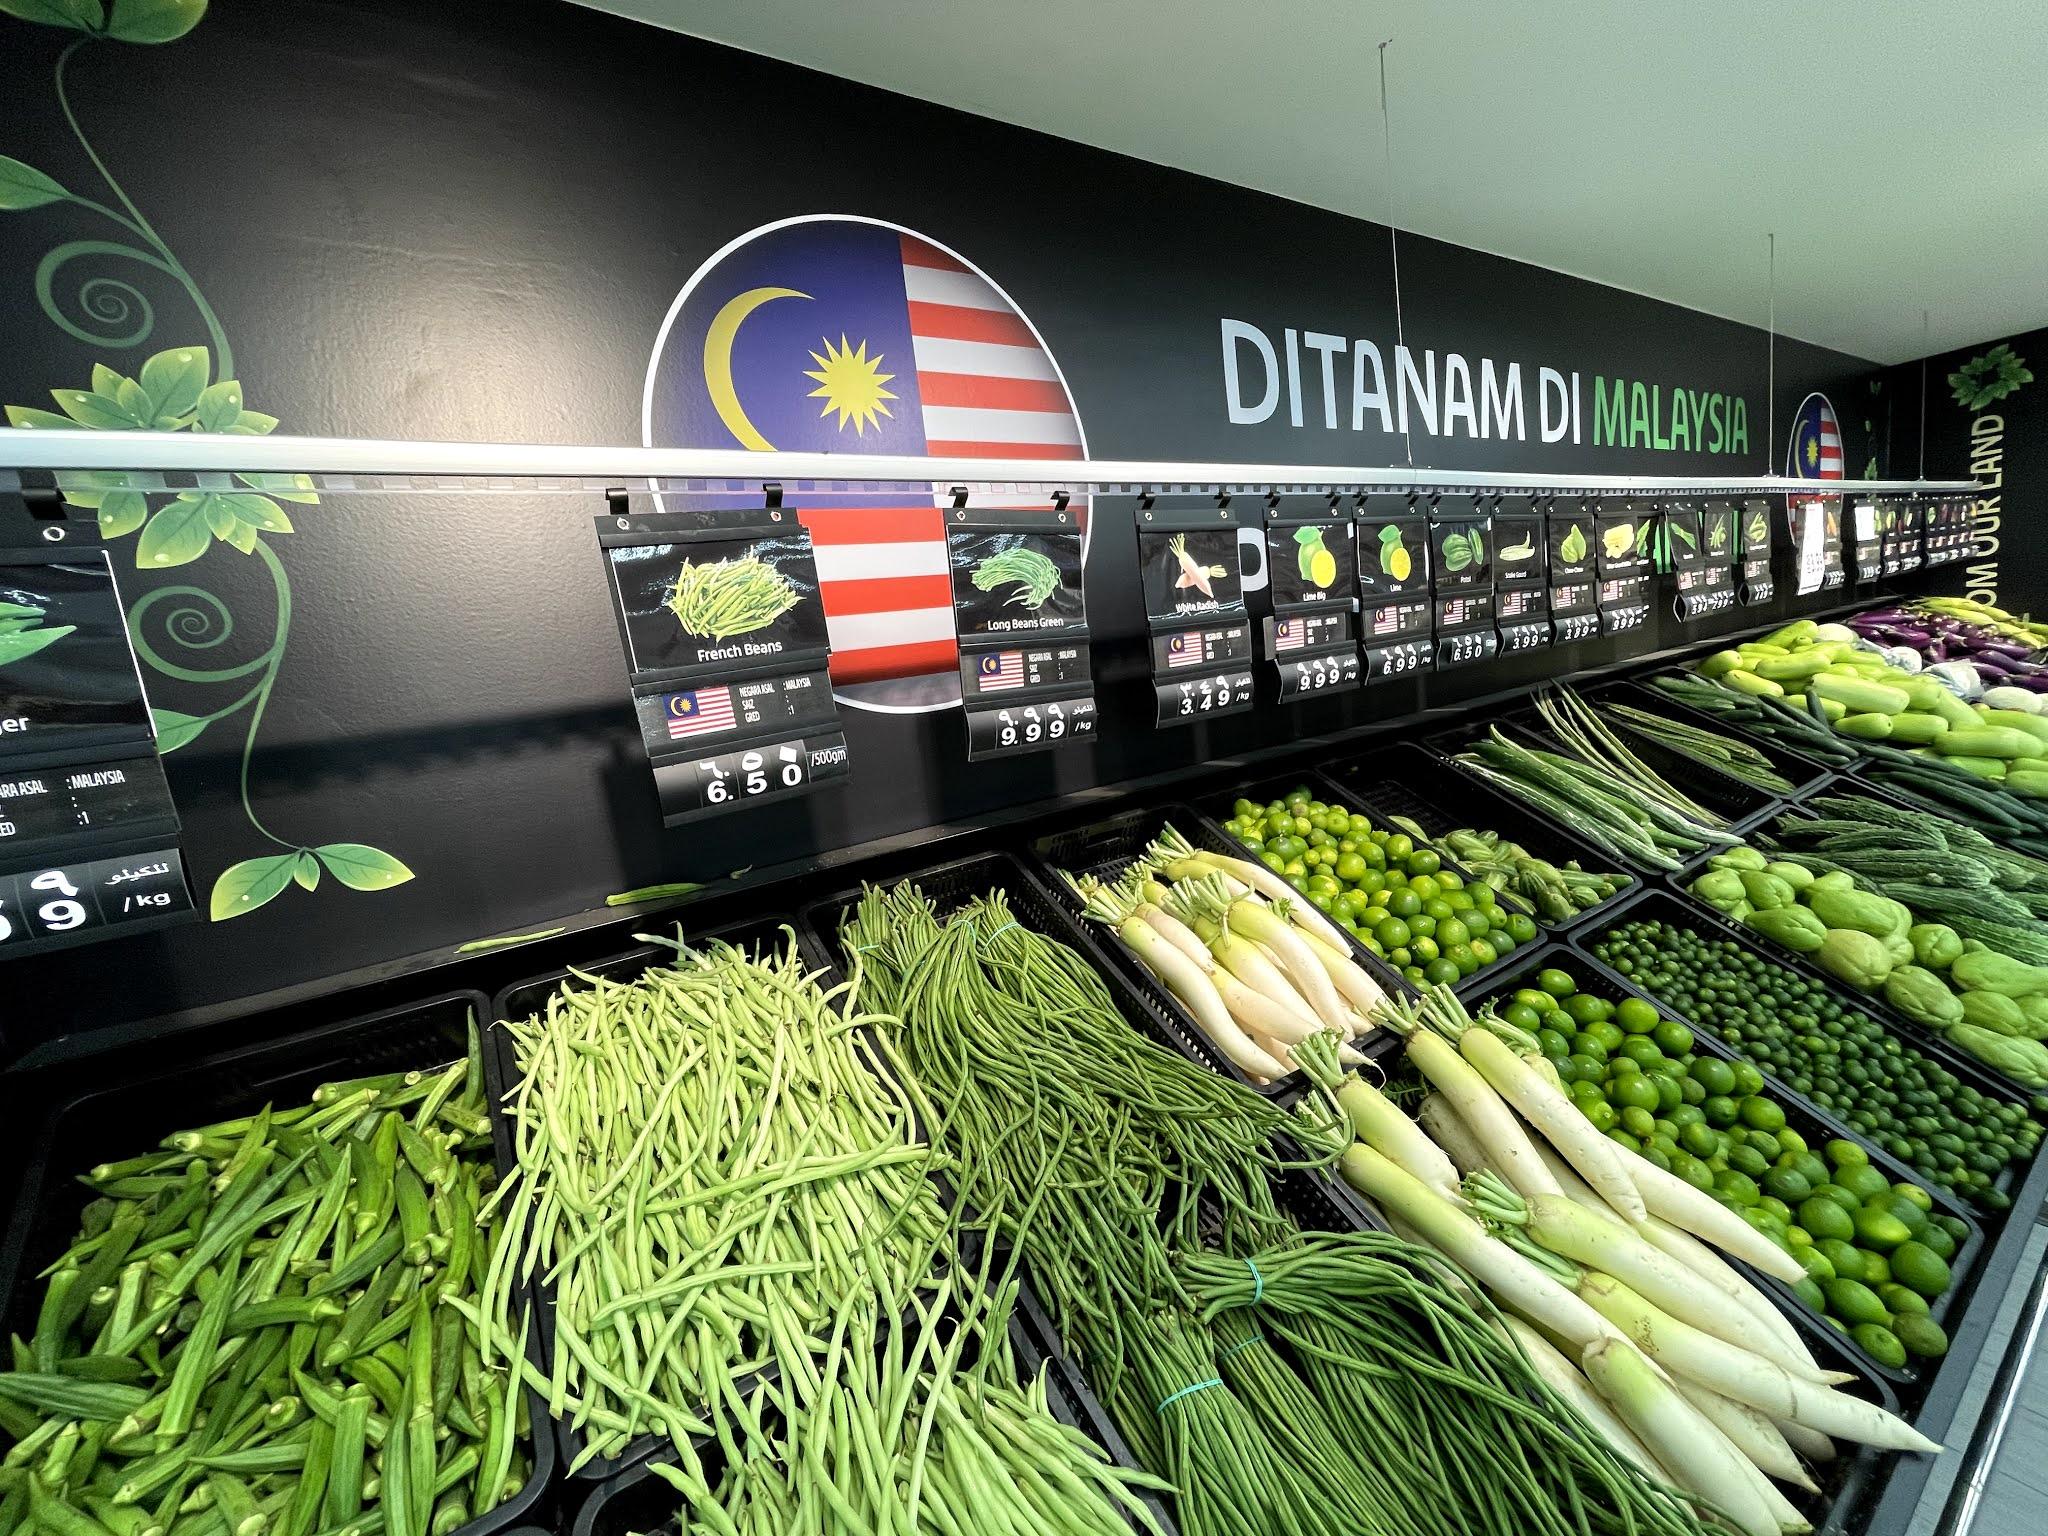 JUALAN MEGA RAYA DI SEMUA CAWANGAN LULU HYPERMARKET MALAYSIA, DISKAUN SEHINGGA 70%